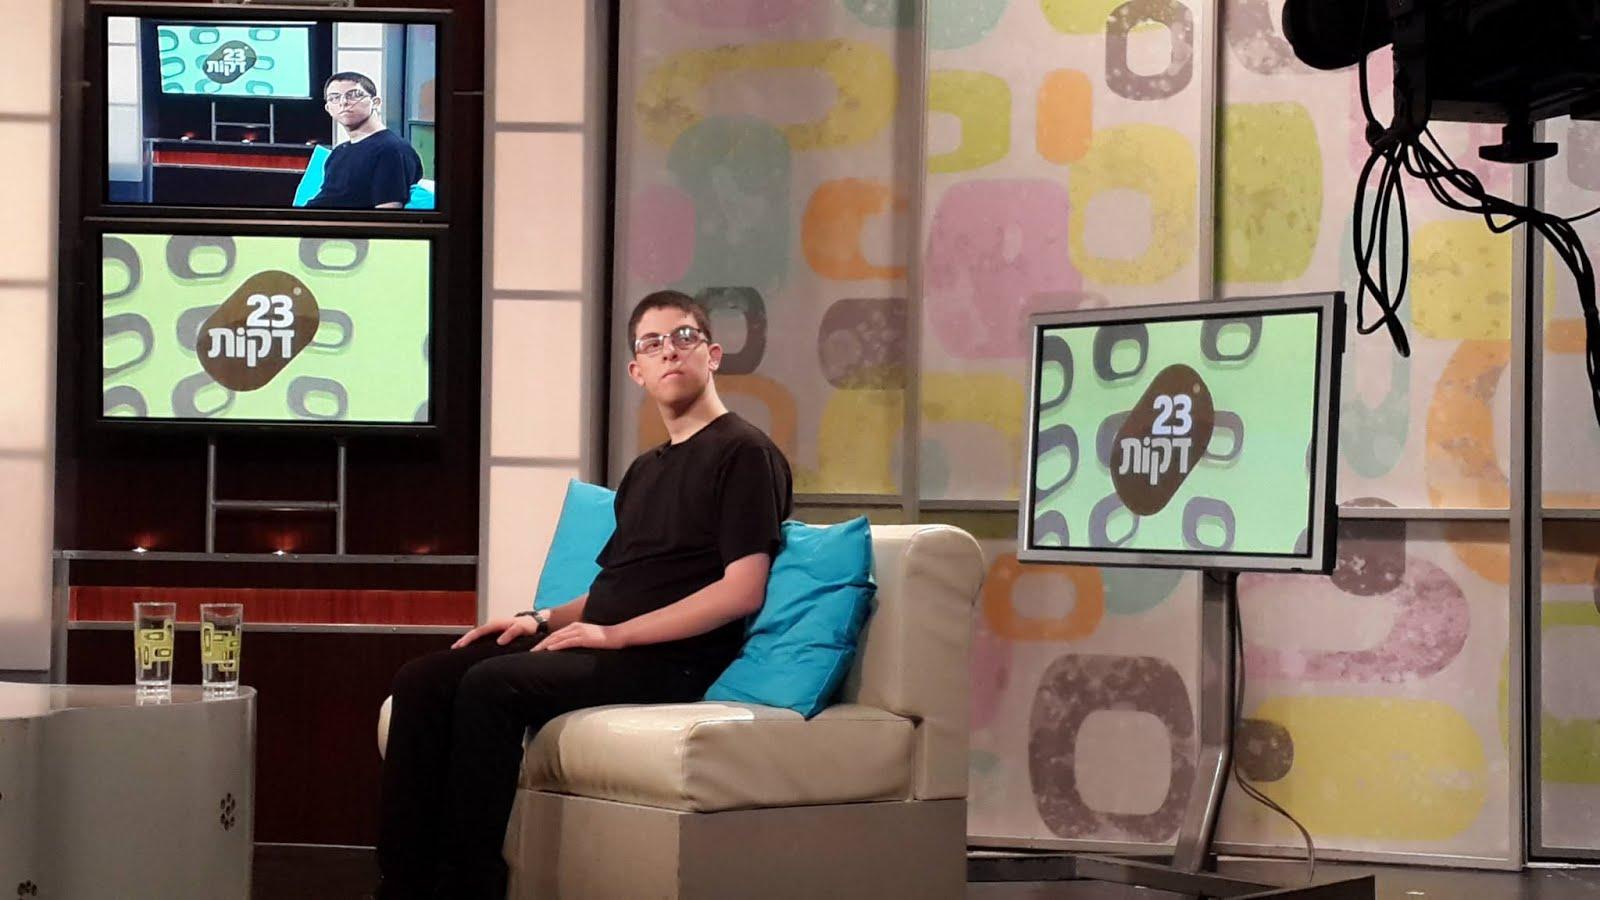 """בן קיזל בצילומים לתוכנית """"23 דקות"""" של הטלוויזיה החינוכית, יוני 2015"""